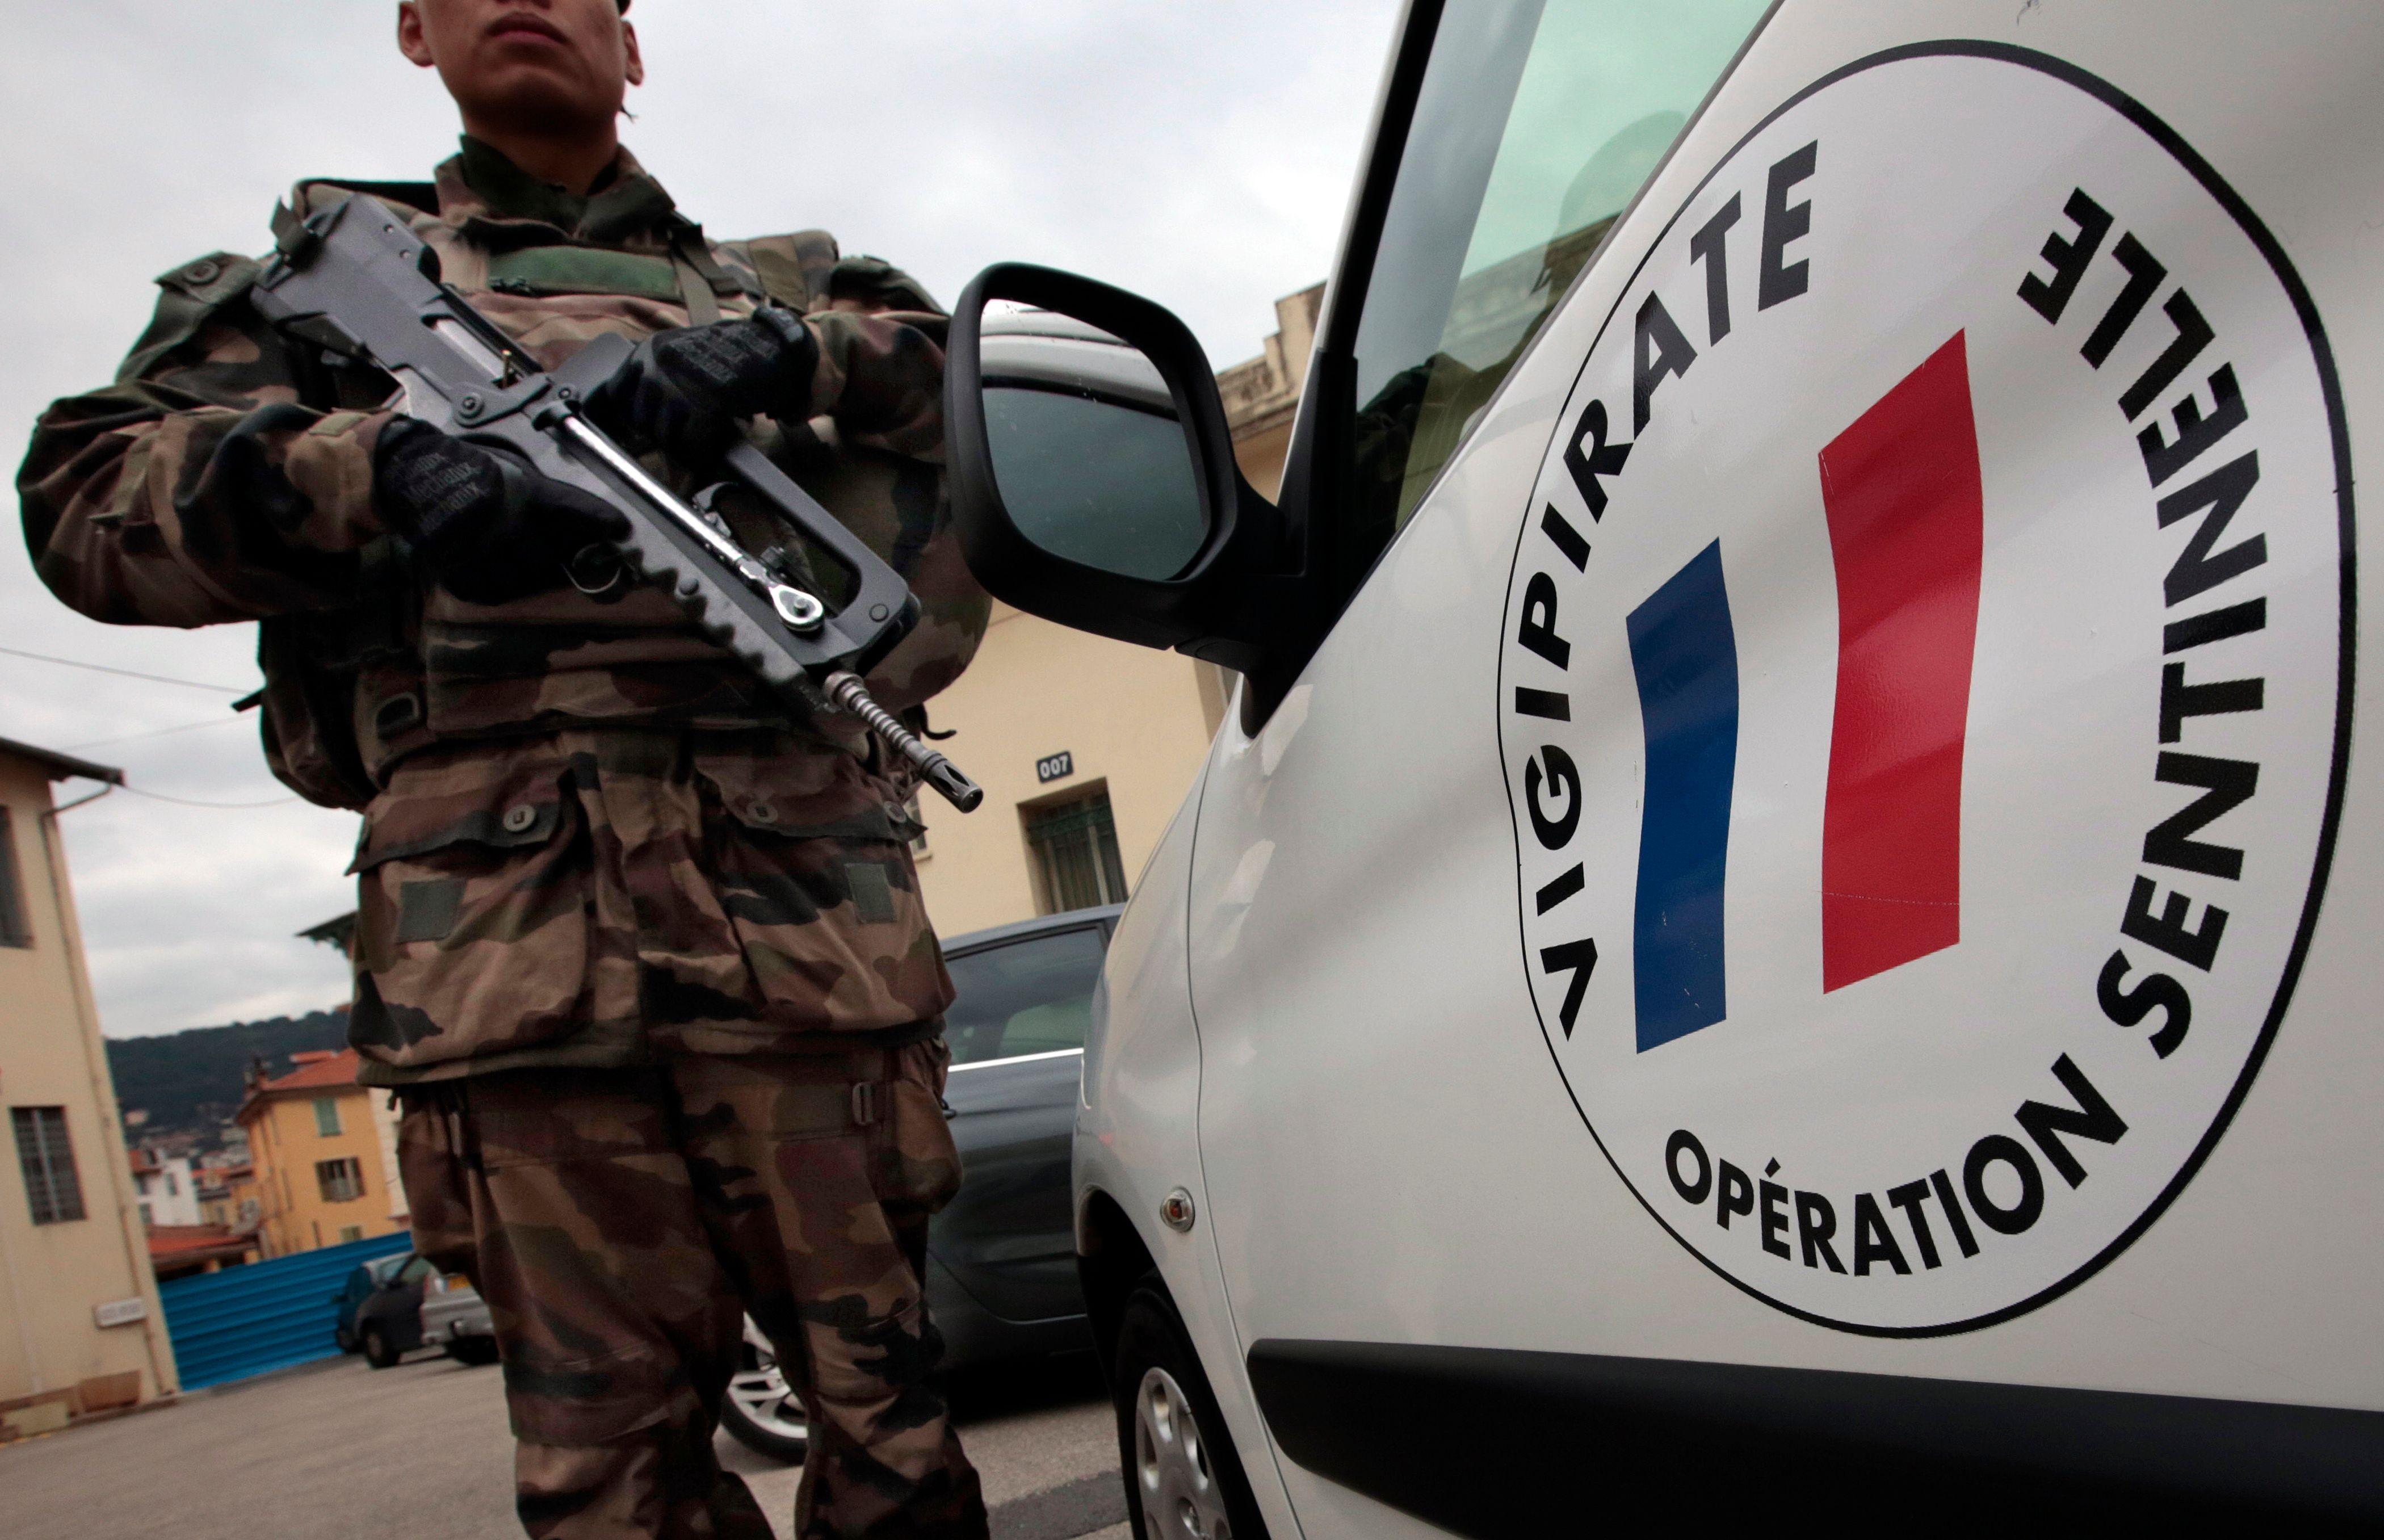 Militaires renversés à Levallois-Perret : un homme arrêté